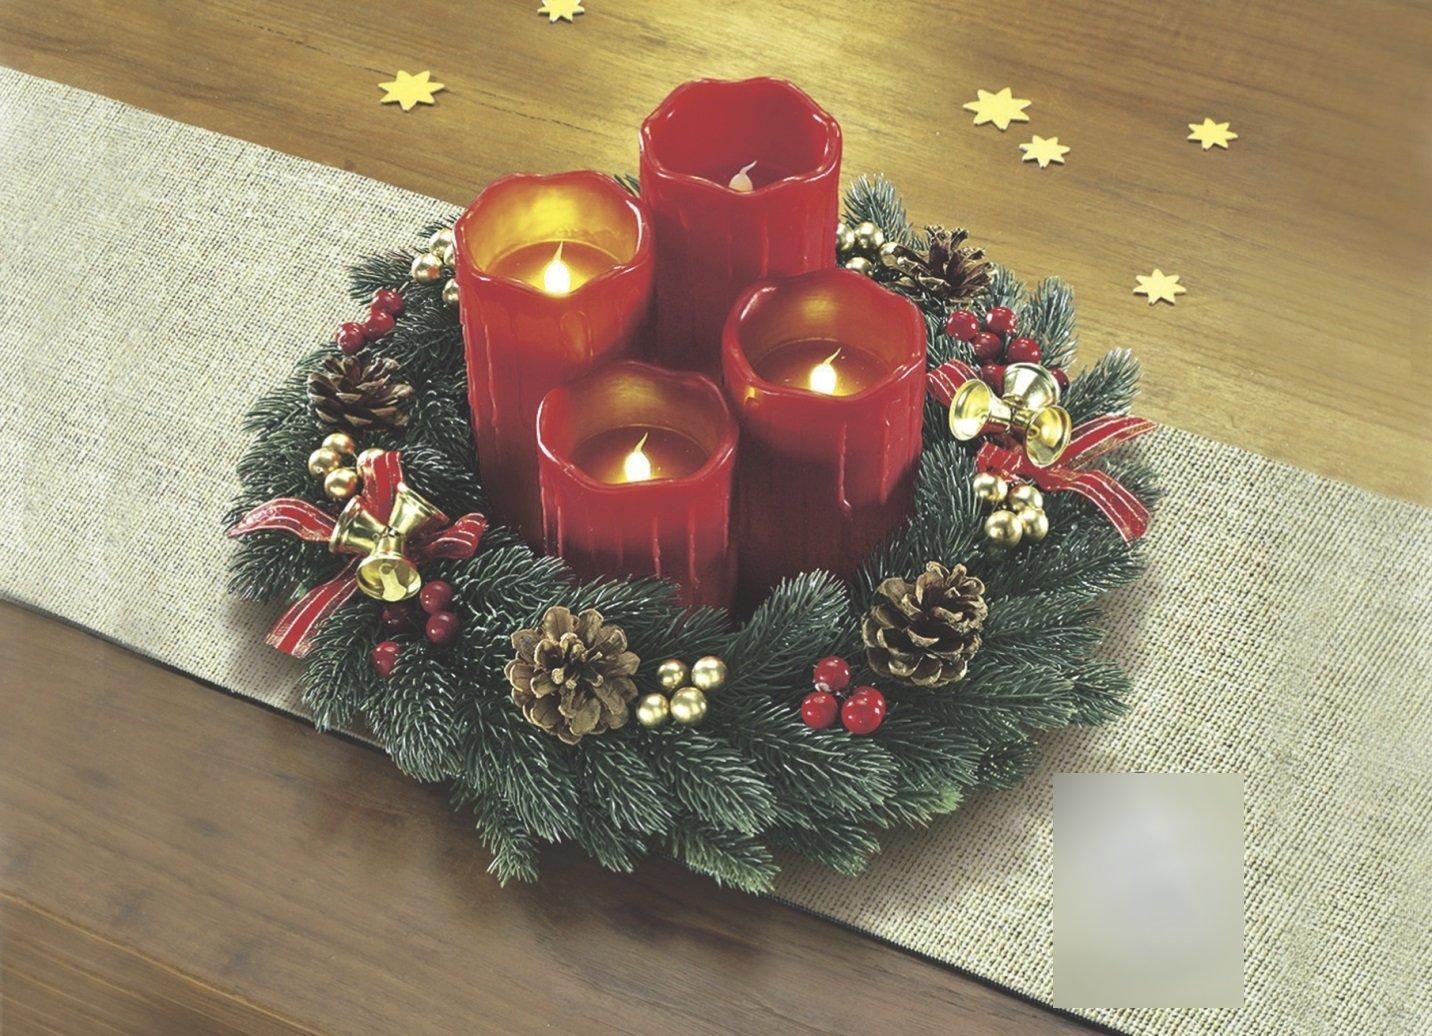 adventskranz mit led kerzen weihnachten weihnachtsgesteck advent gesteck ebay. Black Bedroom Furniture Sets. Home Design Ideas